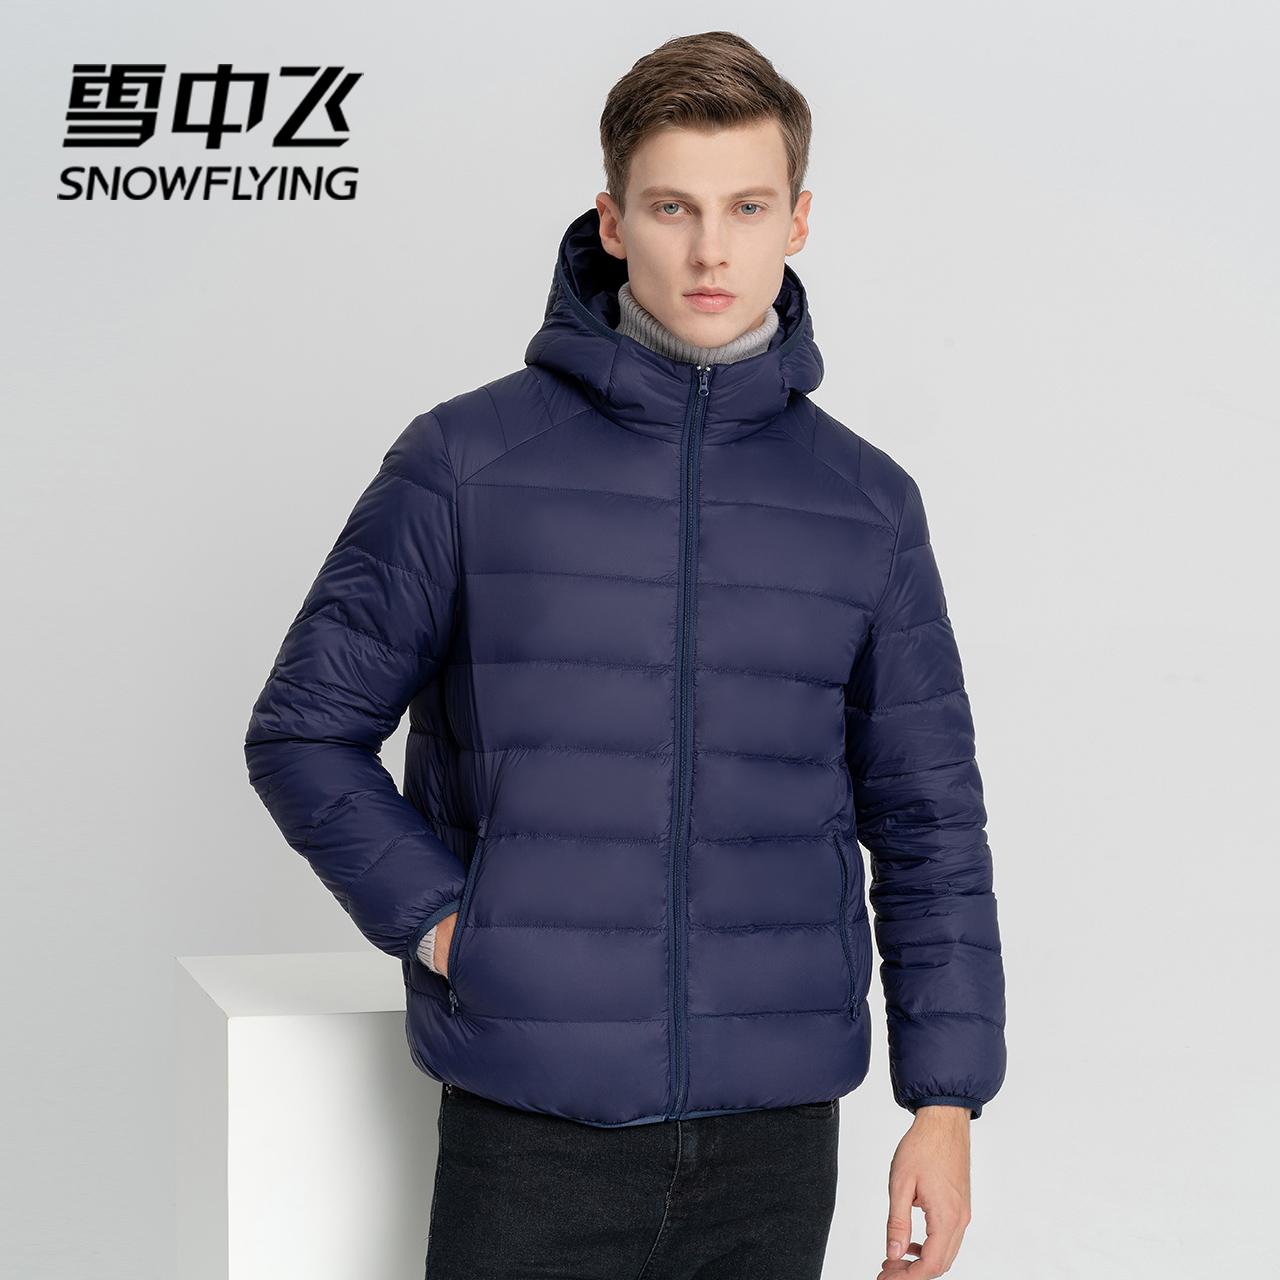 雪中飞2021秋冬新款轻薄羽绒服男连帽运动休闲短款时尚轻便潮外套